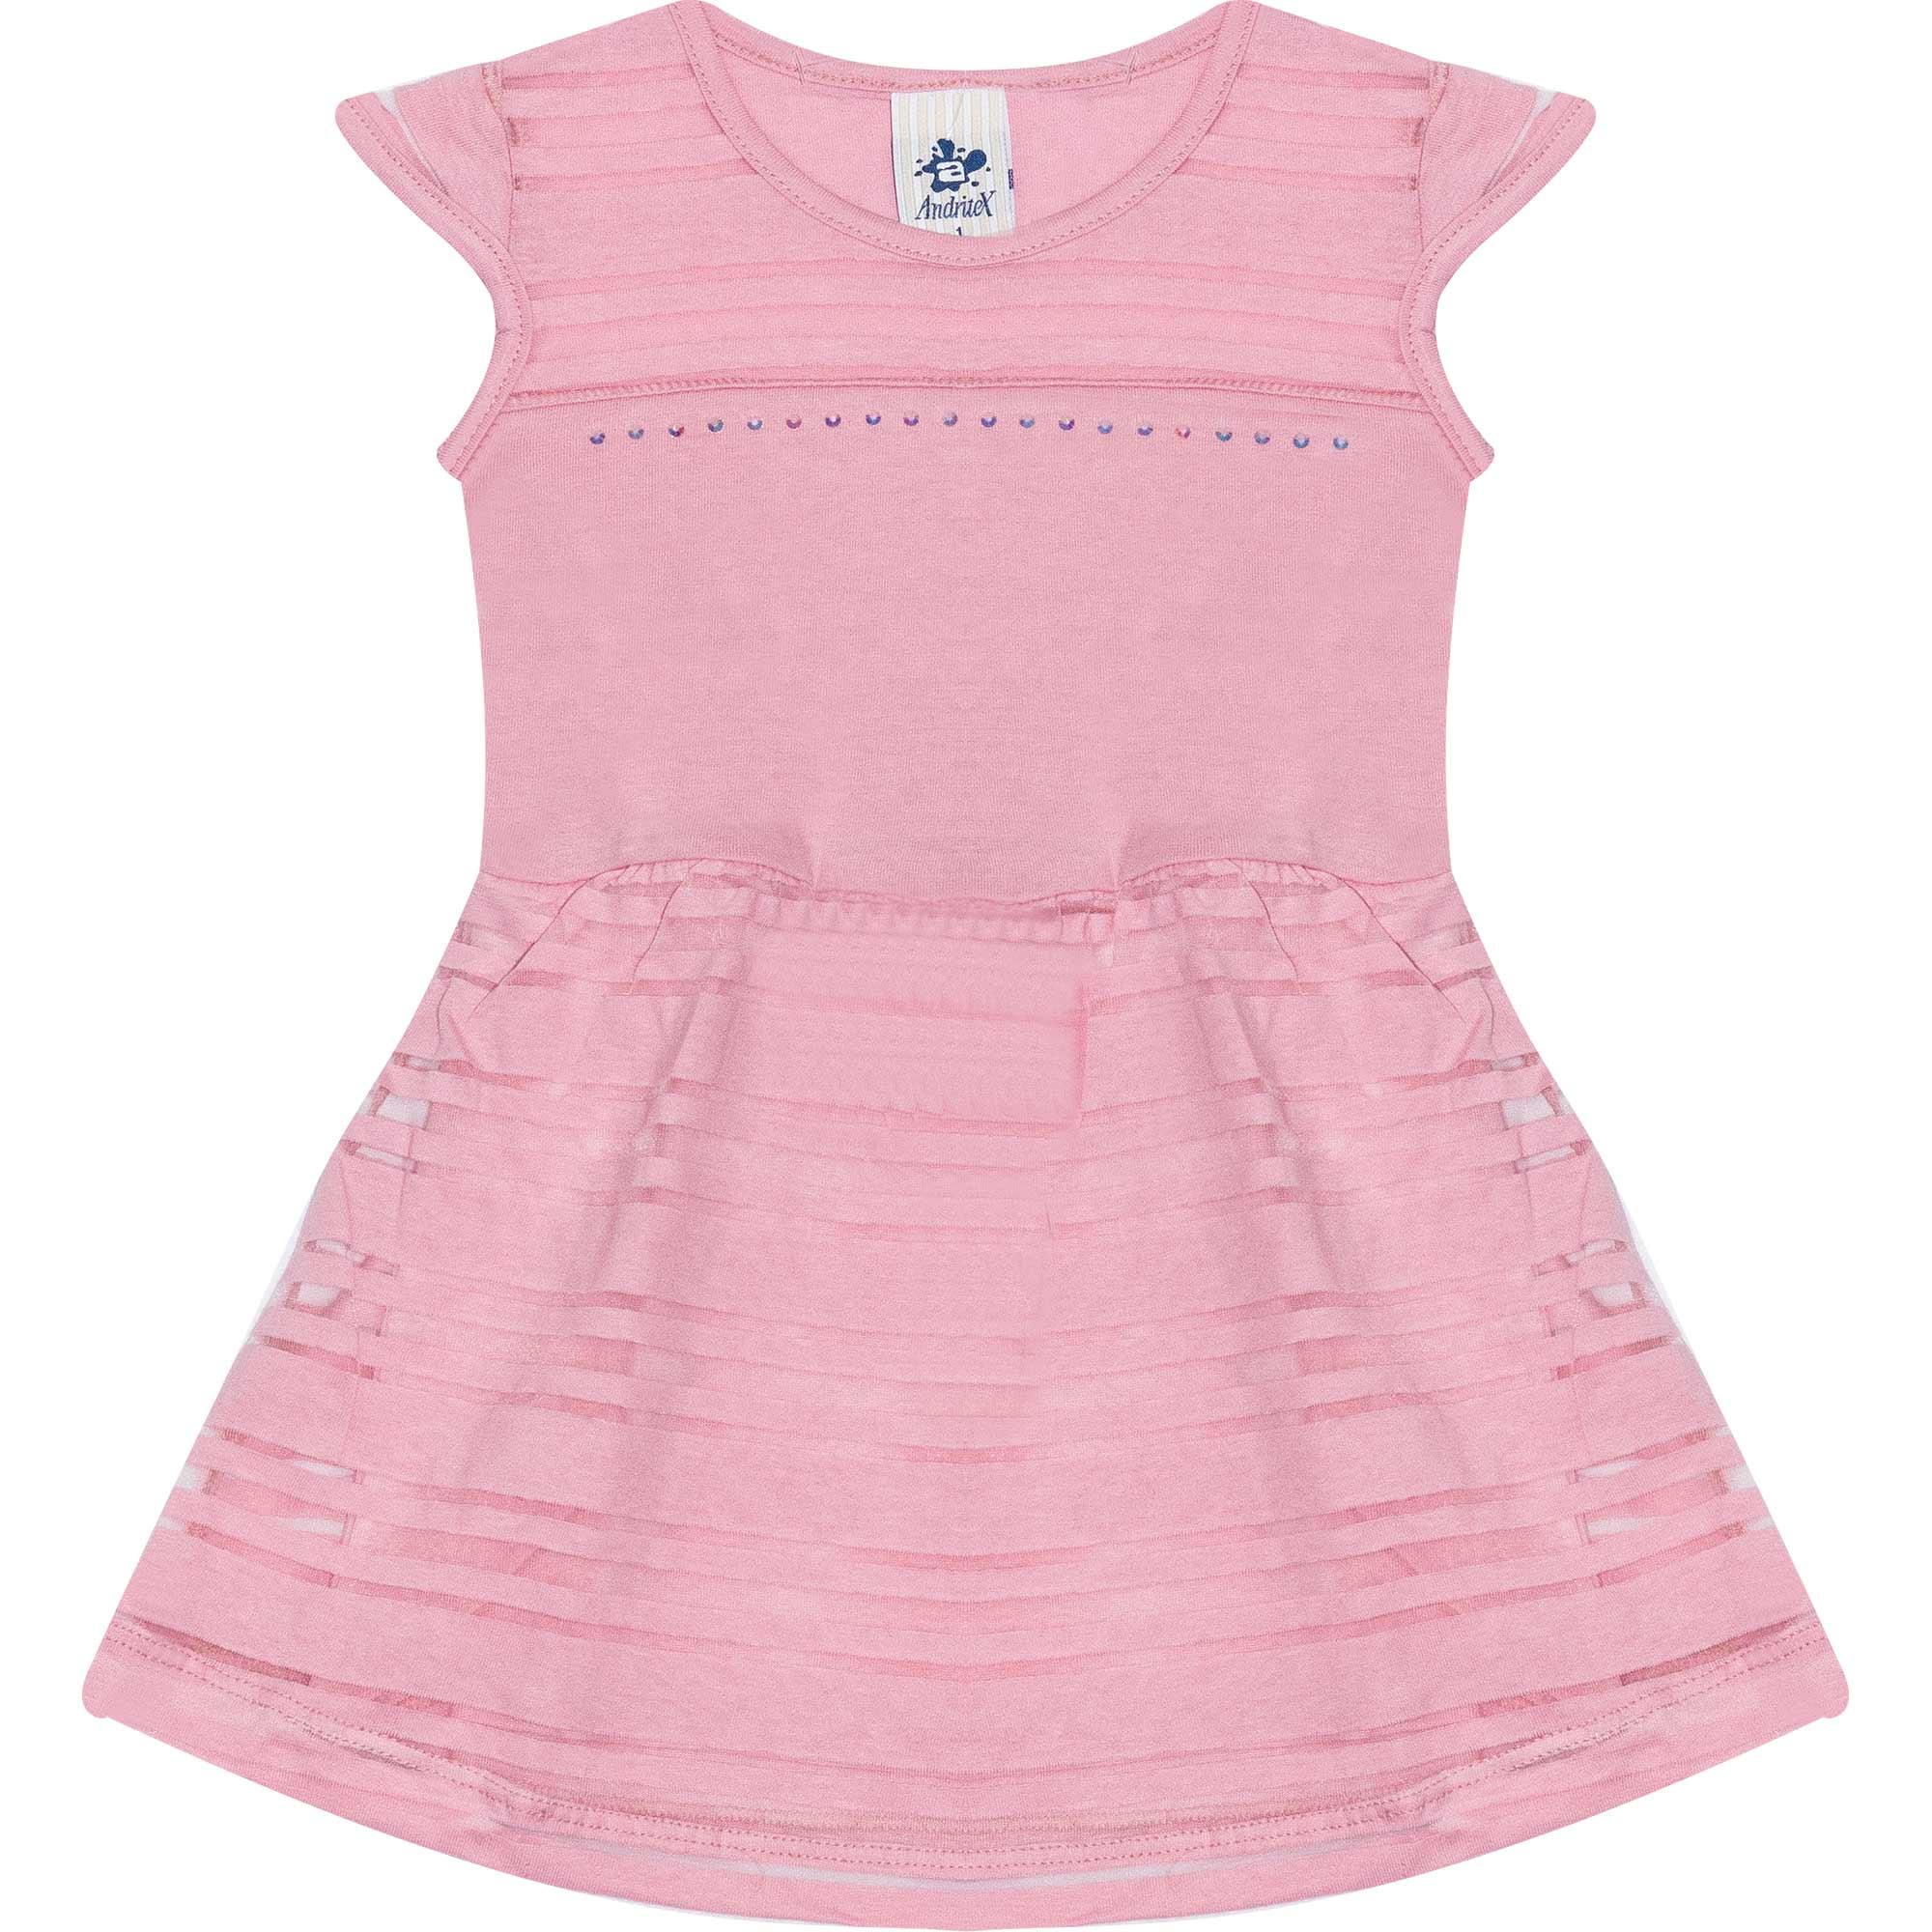 Vestido Infantil Feminino - Ref 4717  - Rosa - Andritex